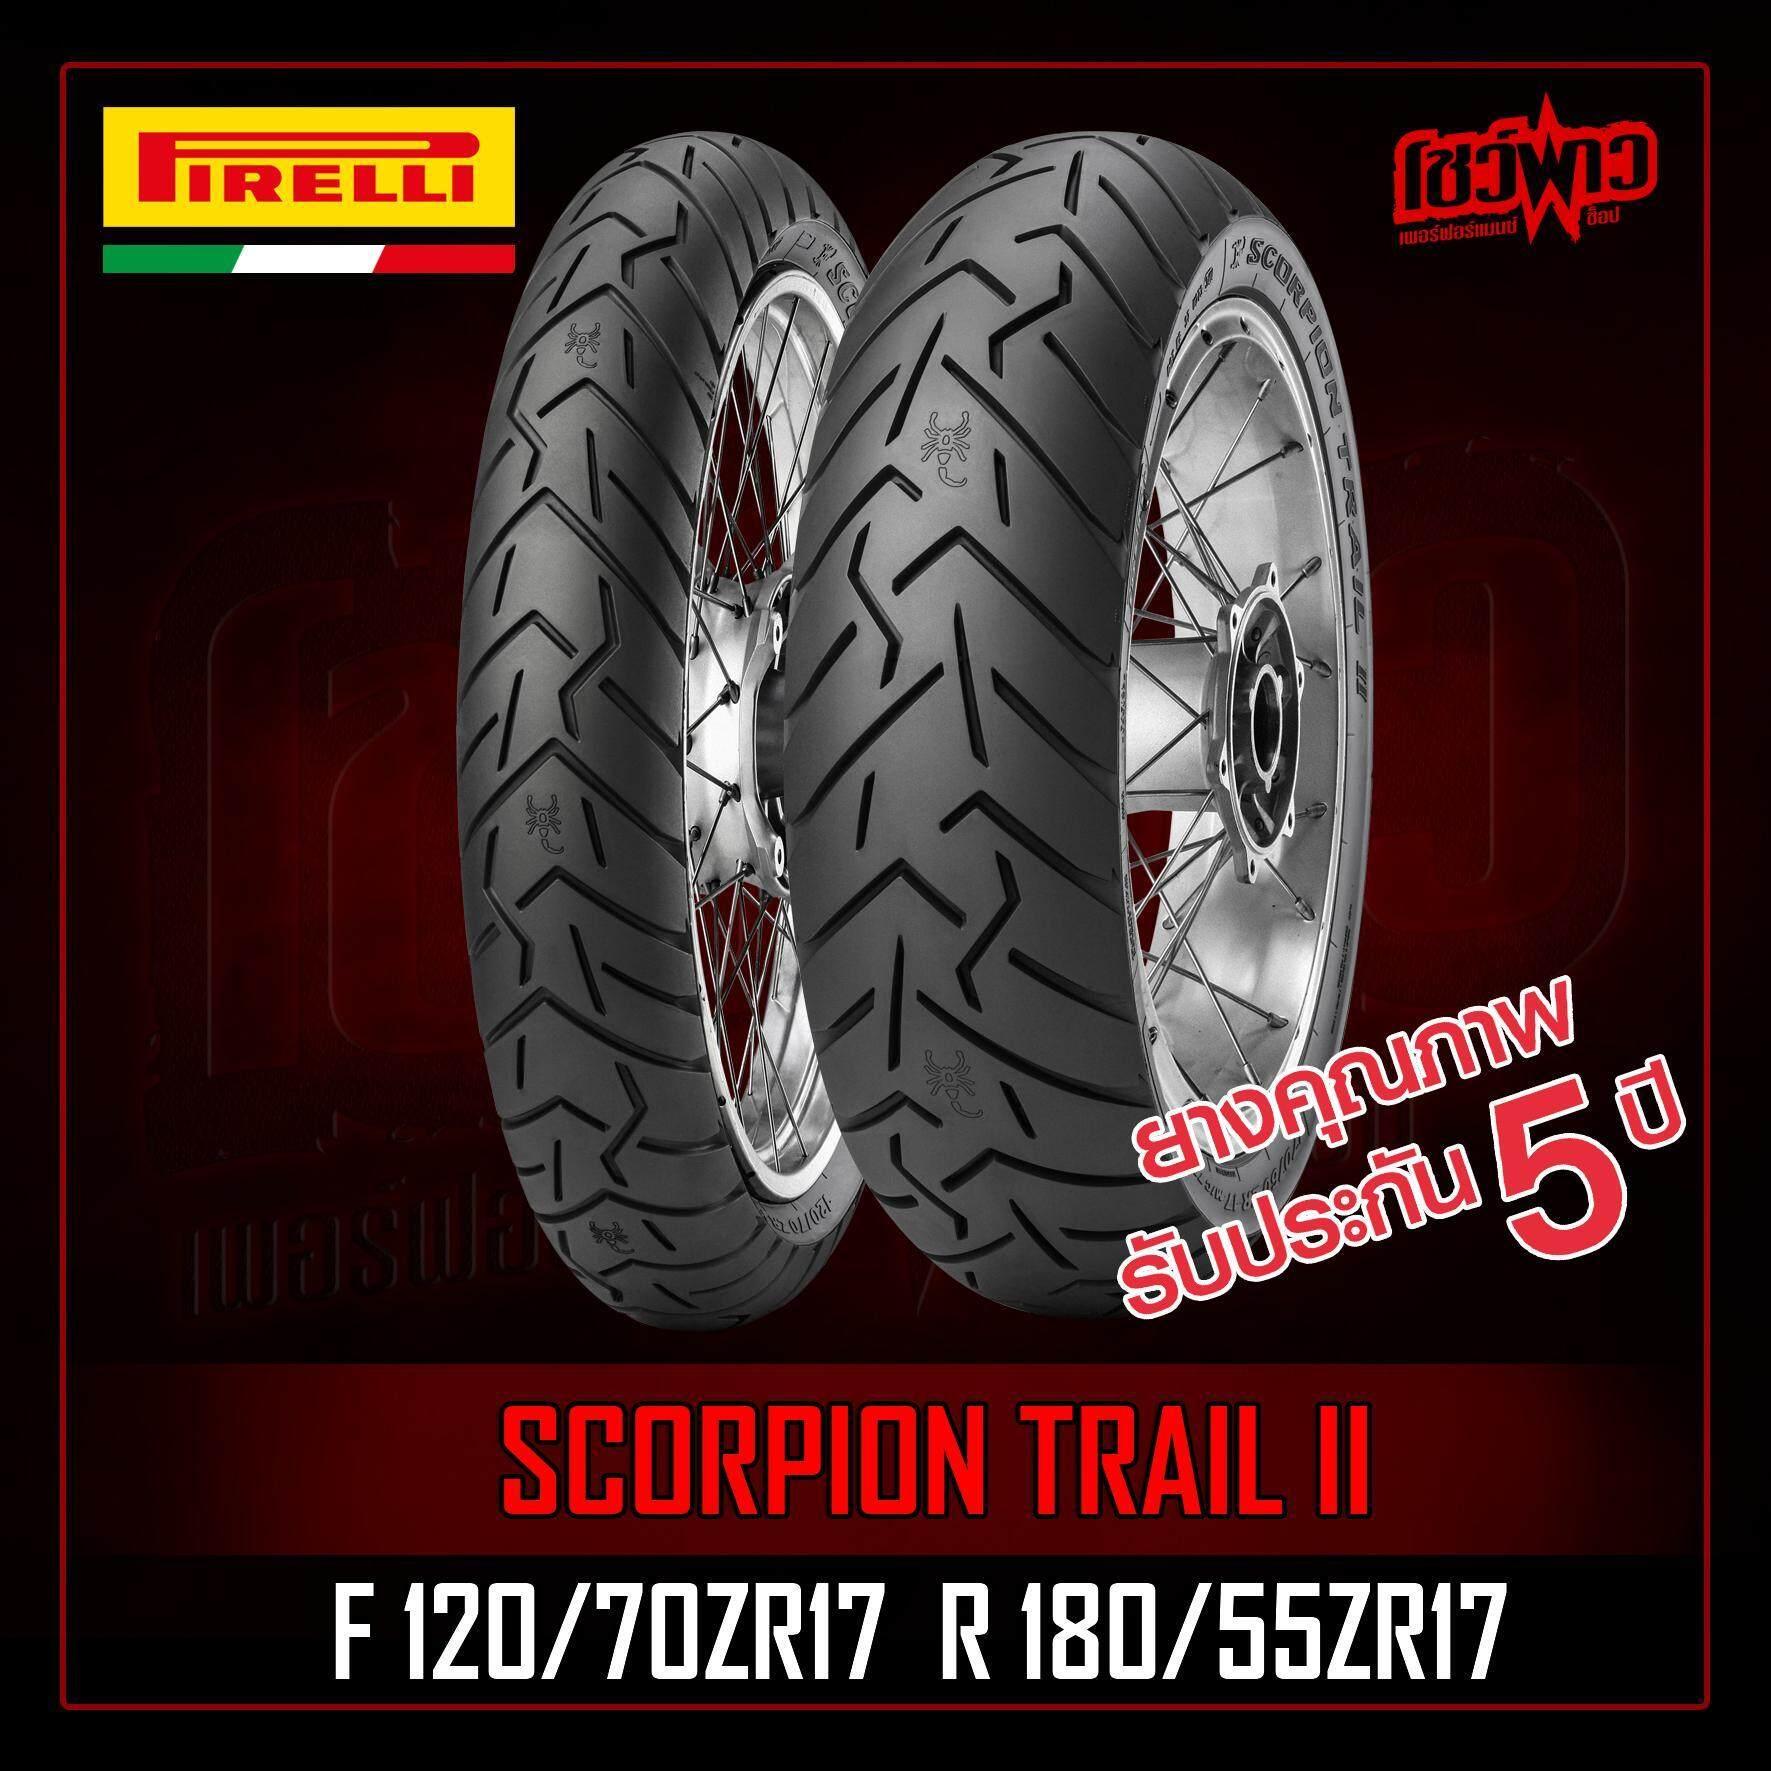 Pirelli SCORPION TRAIL II : 120/70ZR17+180/55ZR17